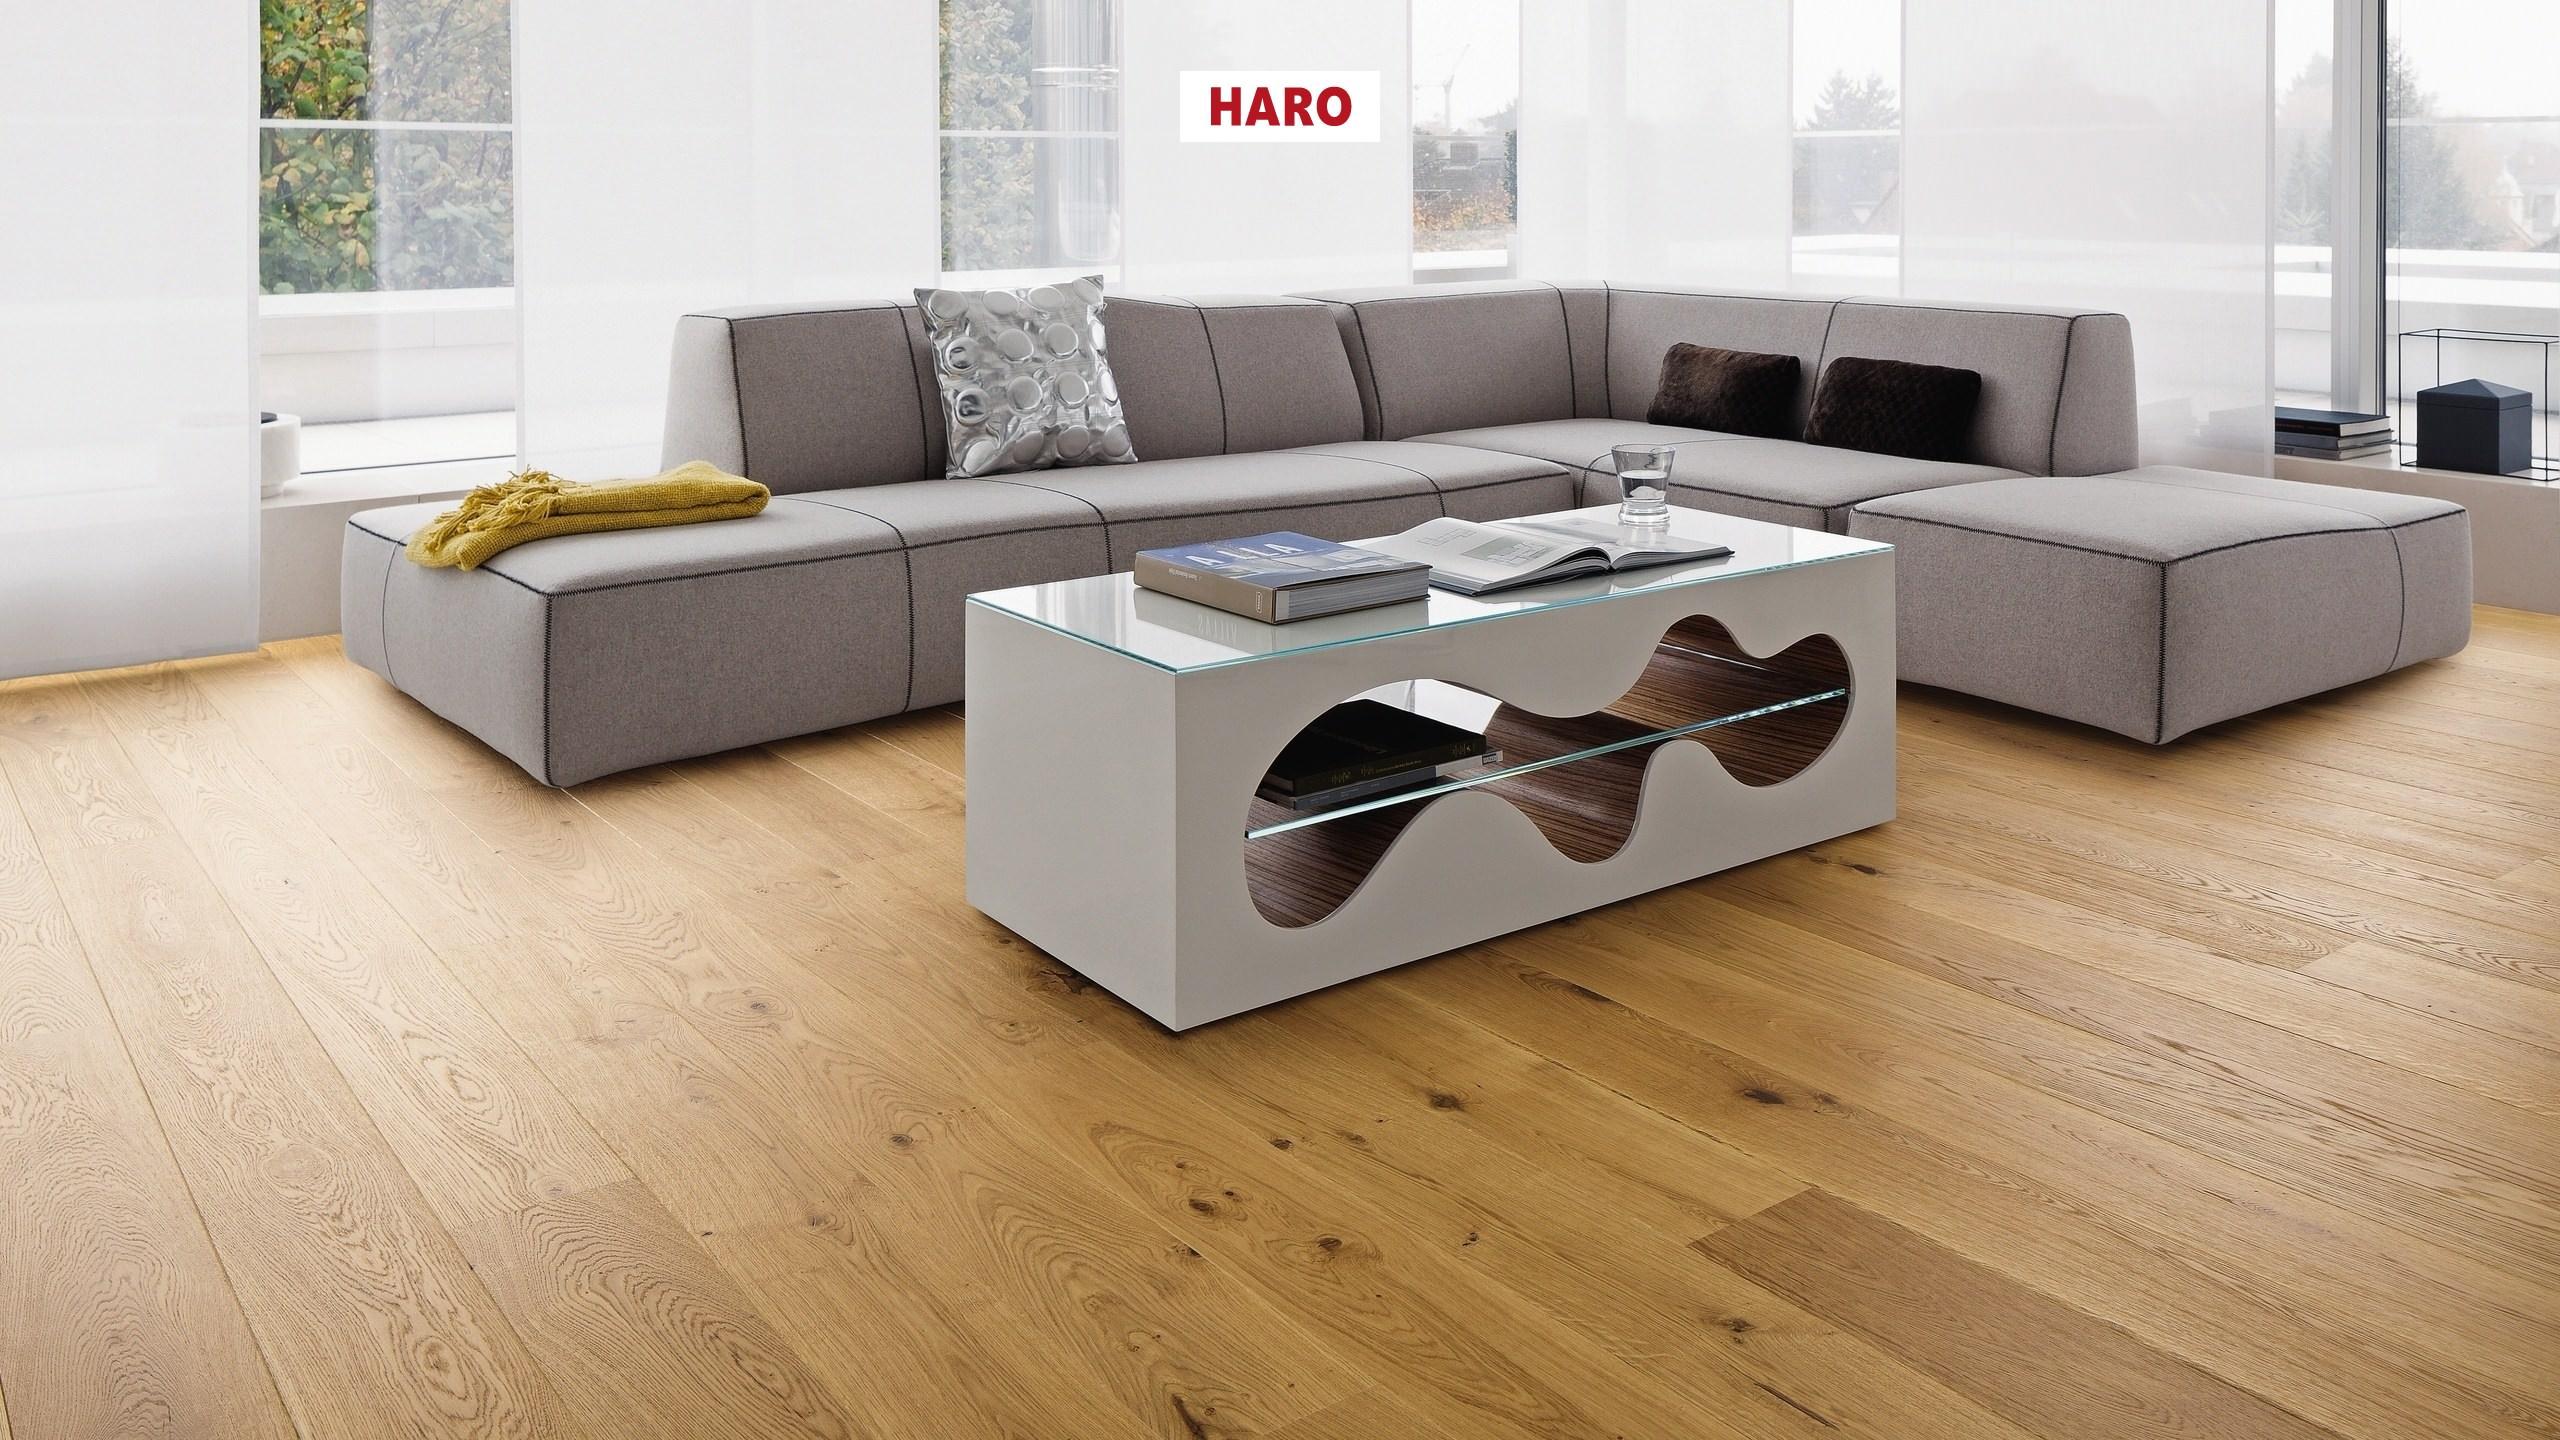 HARO 4000 Parkettboden – Parkett Qualität zum Wohlfühlen